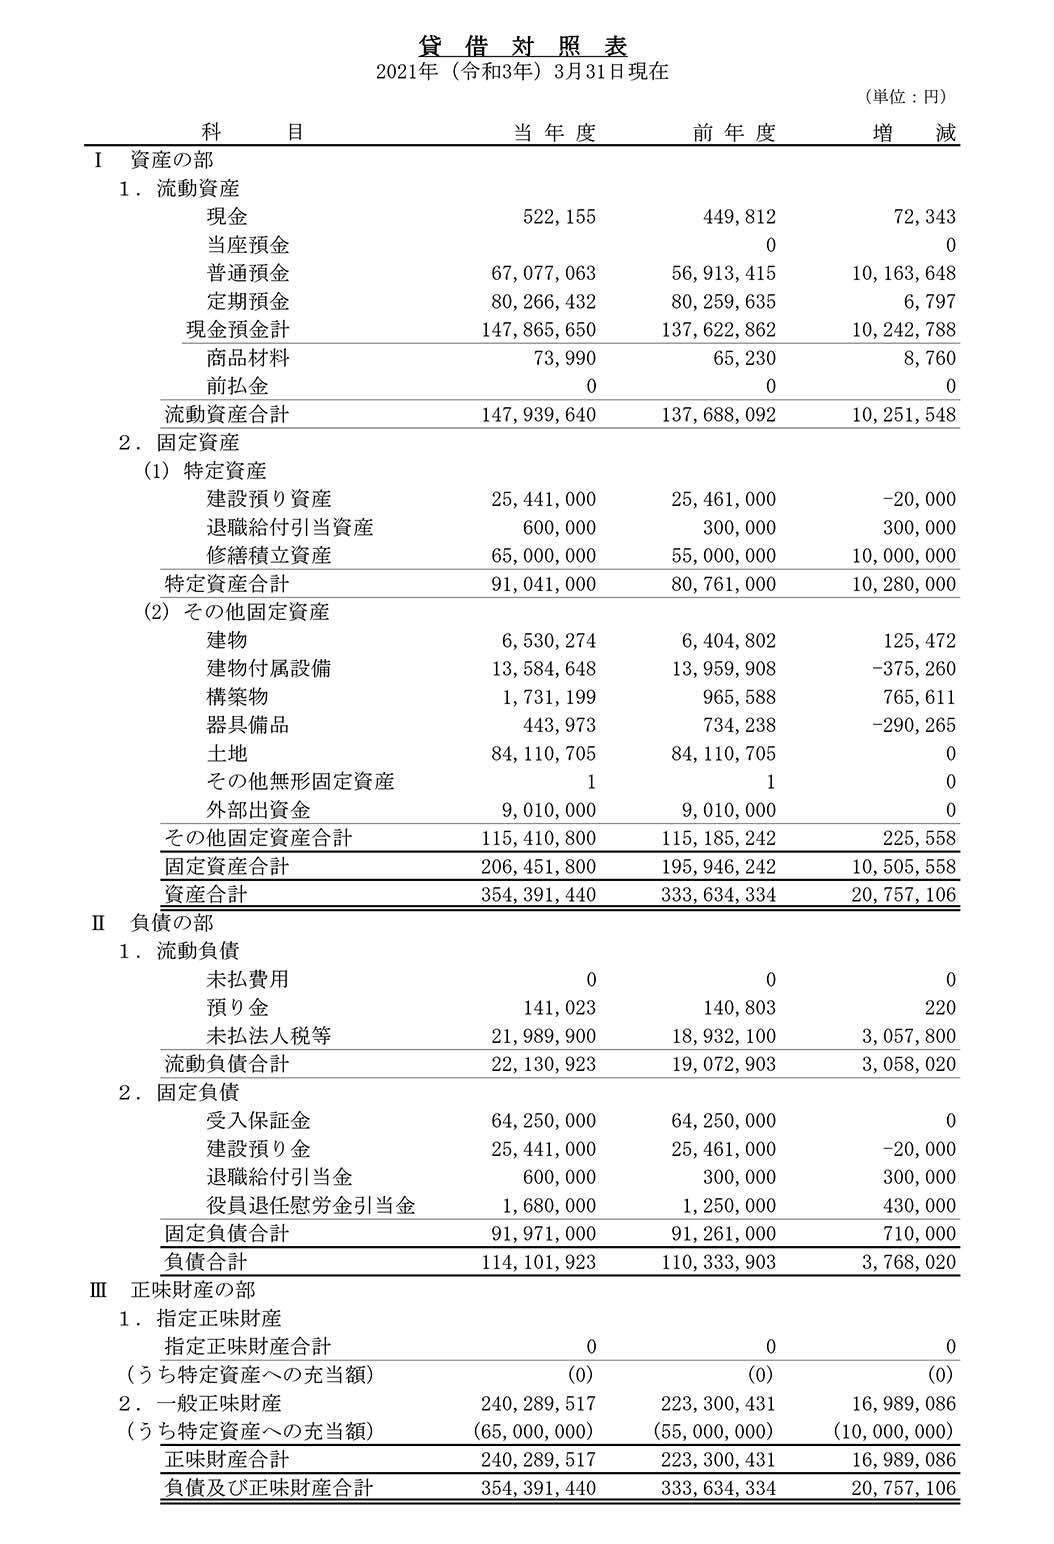 2020貸借対照表